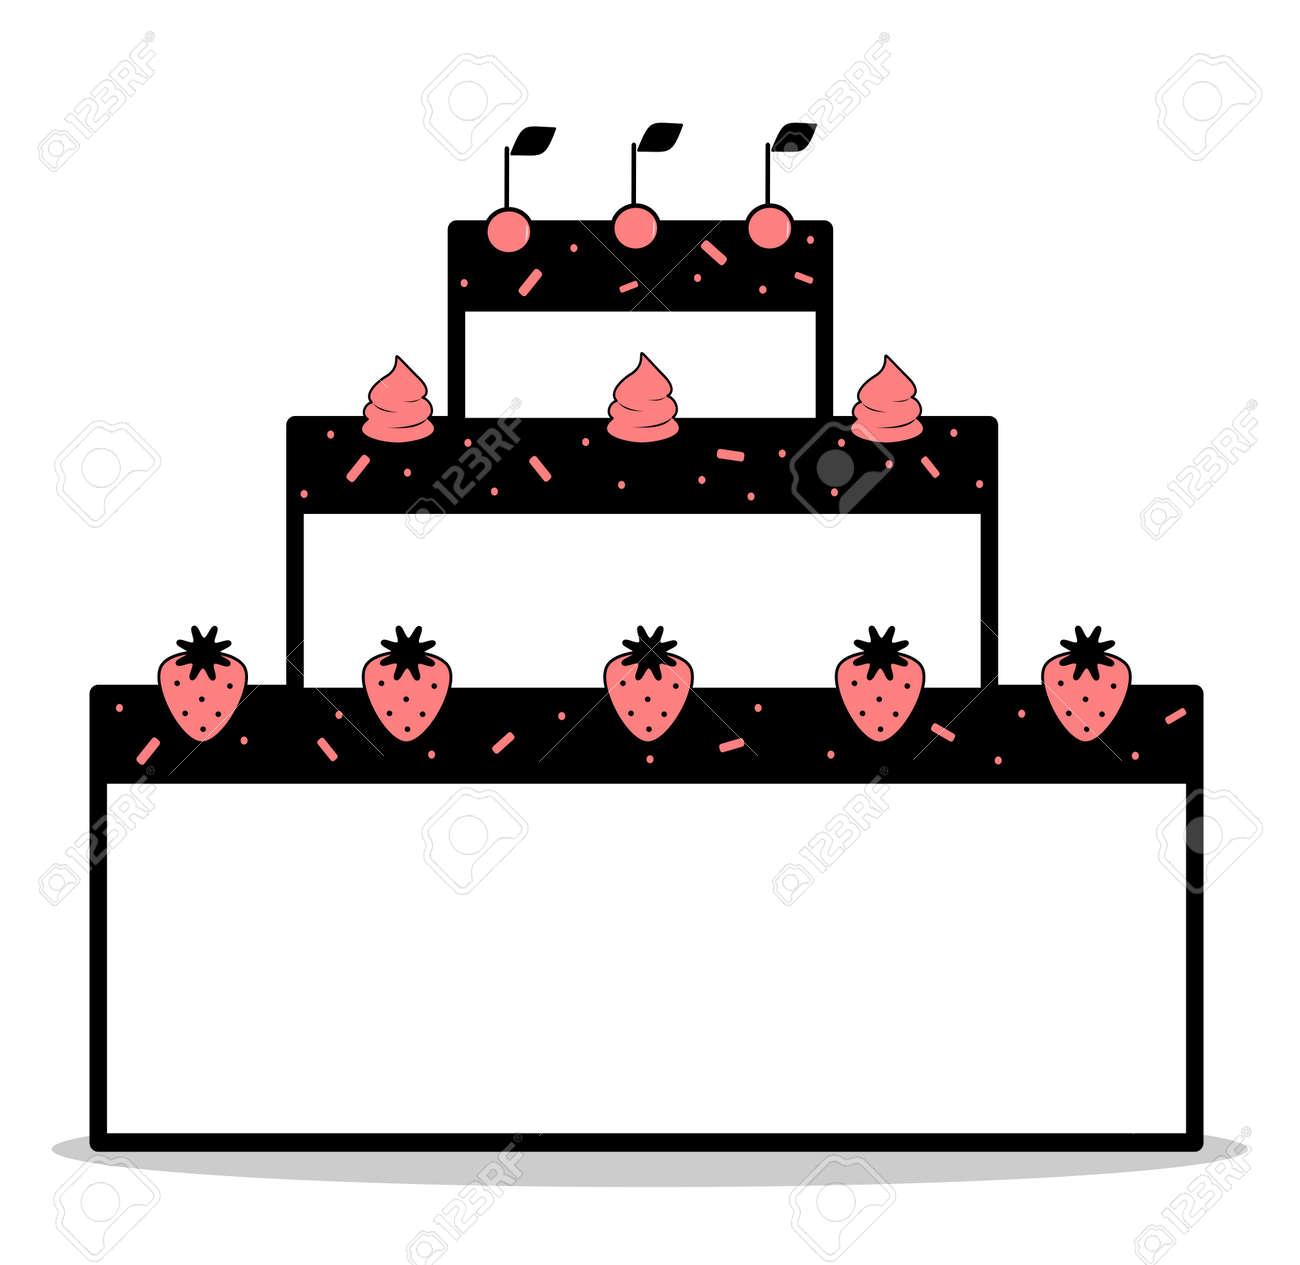 Abstrakte Cartoon Schwarz Weiss Rosa Kuchen Mit Erdbeeren Und